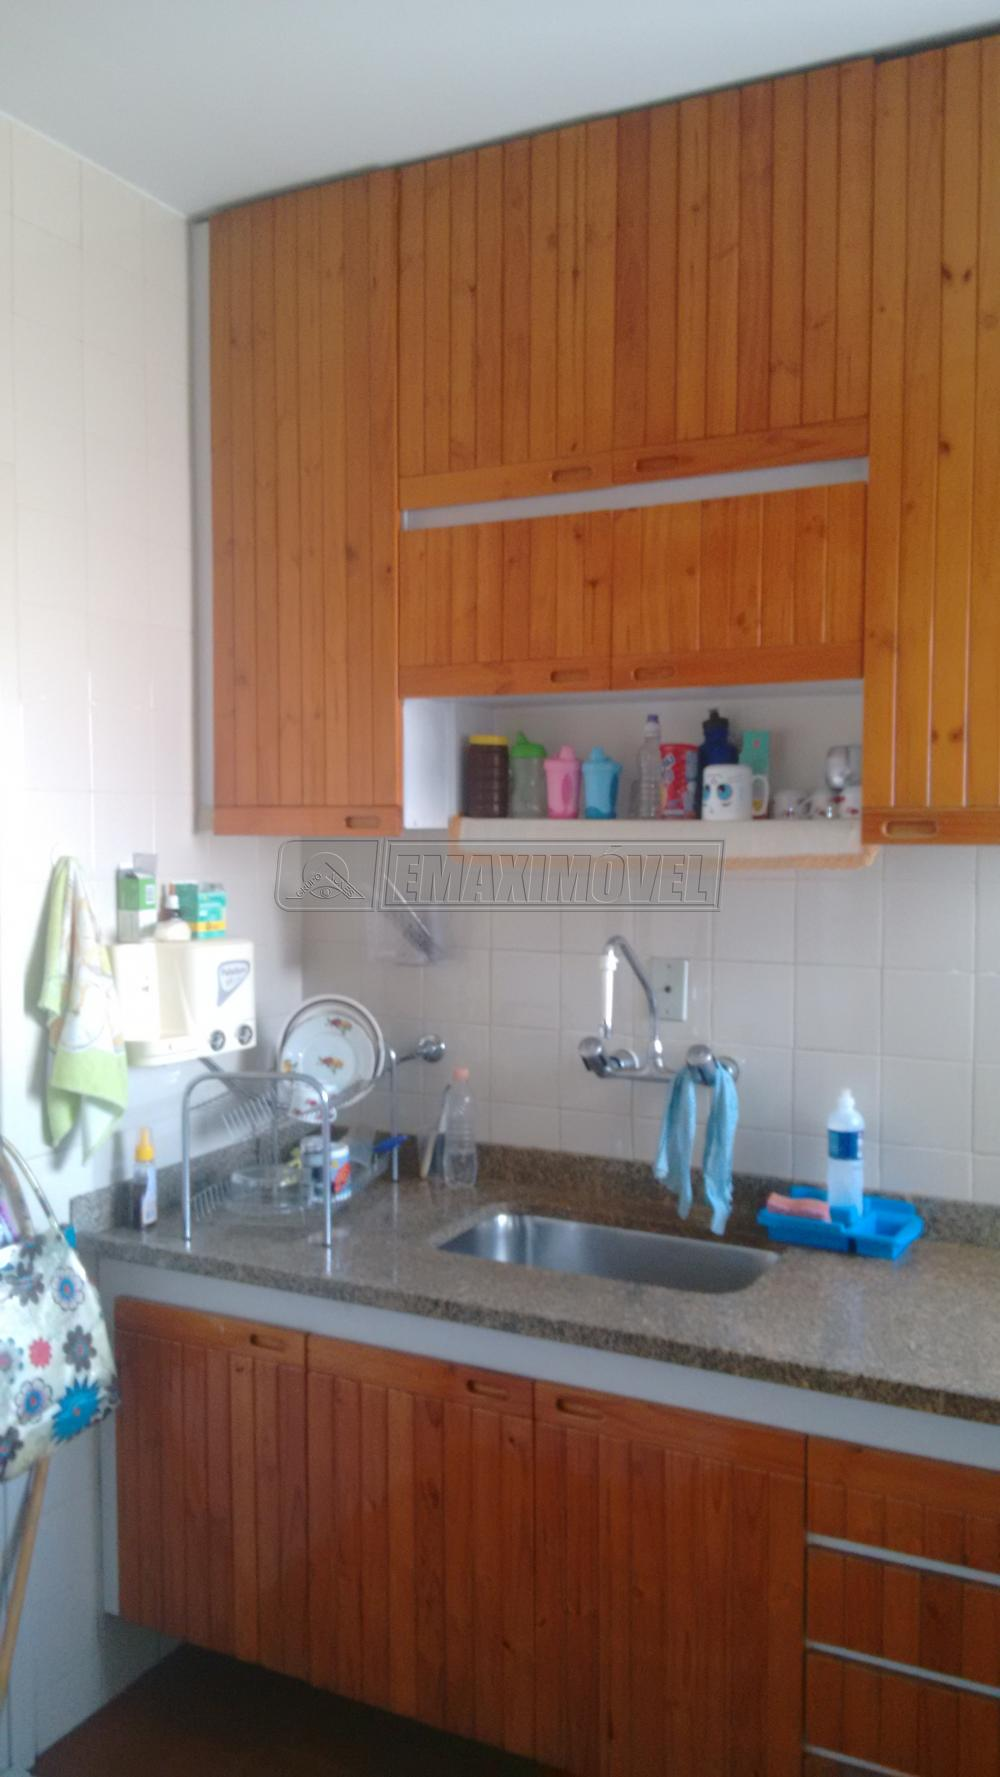 Comprar Apartamentos / Apto Padrão em Sorocaba apenas R$ 550.000,00 - Foto 15